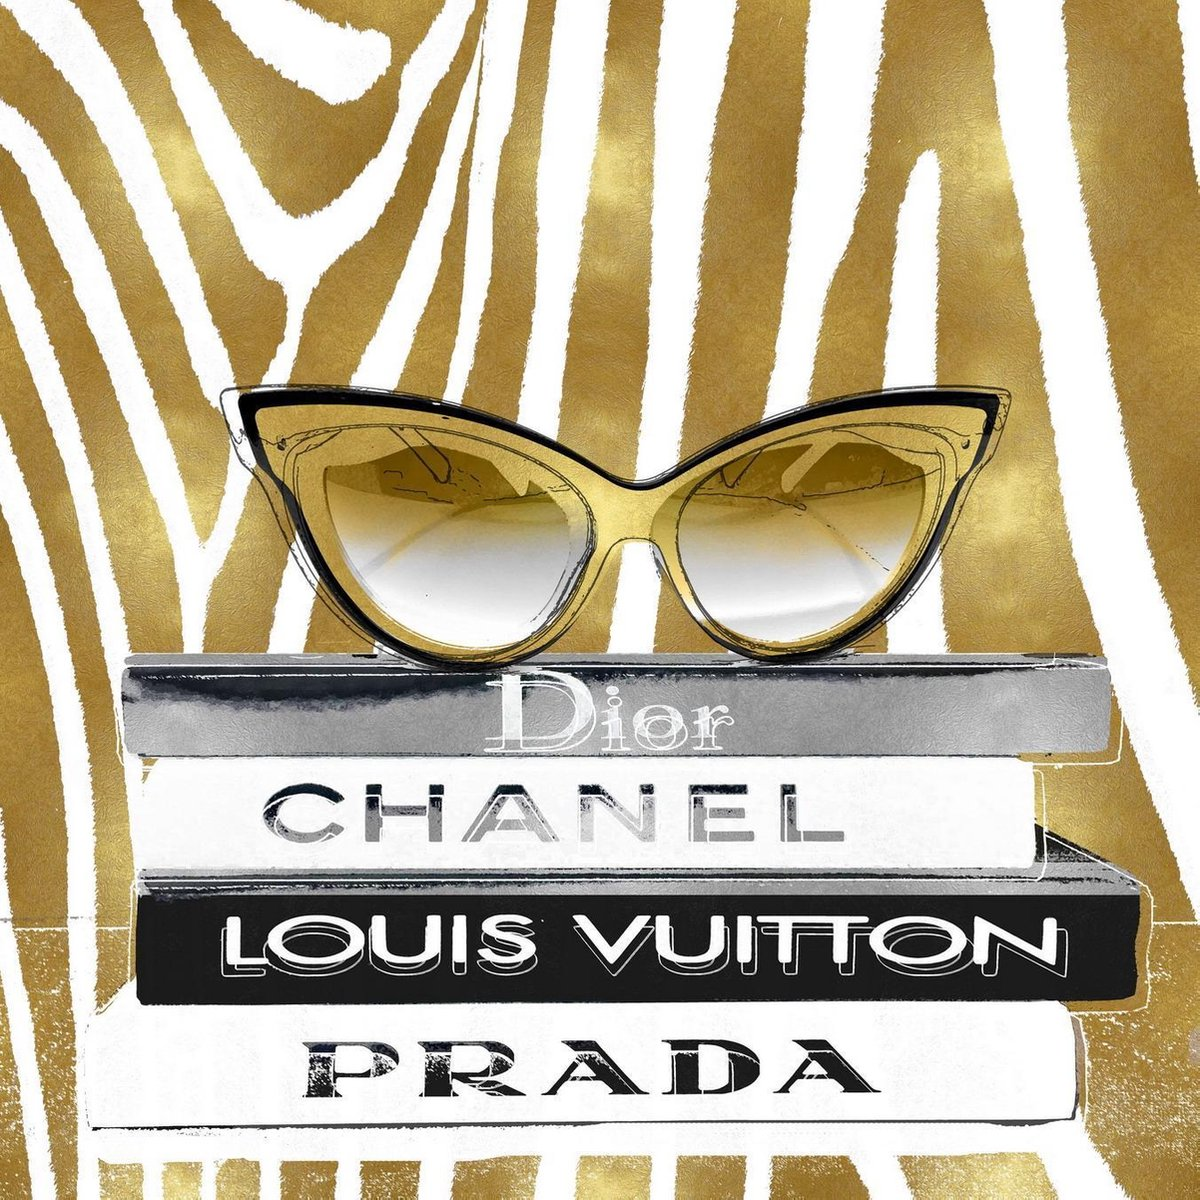 60 x 80 cm - glasschilderij met metaalfolie - Chanel met zebra print - schilderij fotokunst - verwerkt met goudfolie